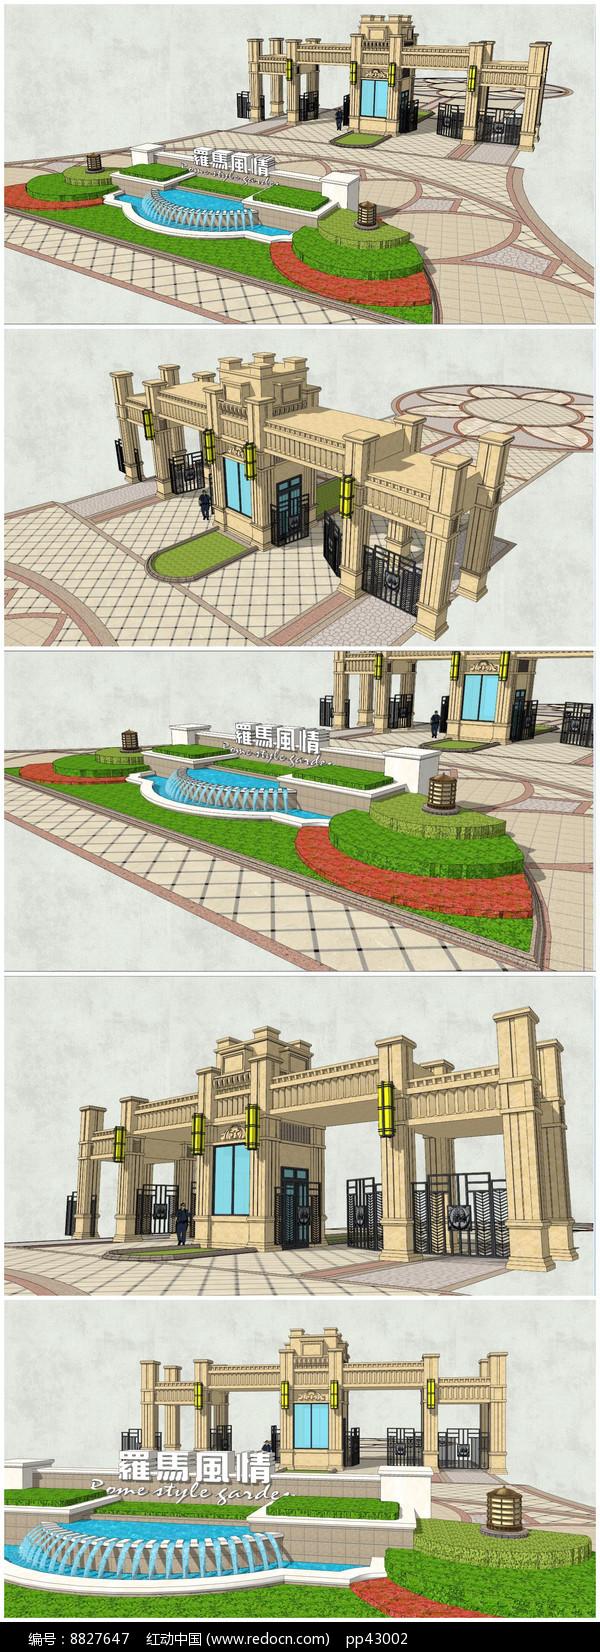 罗马风情入口大门景观SU模型图片